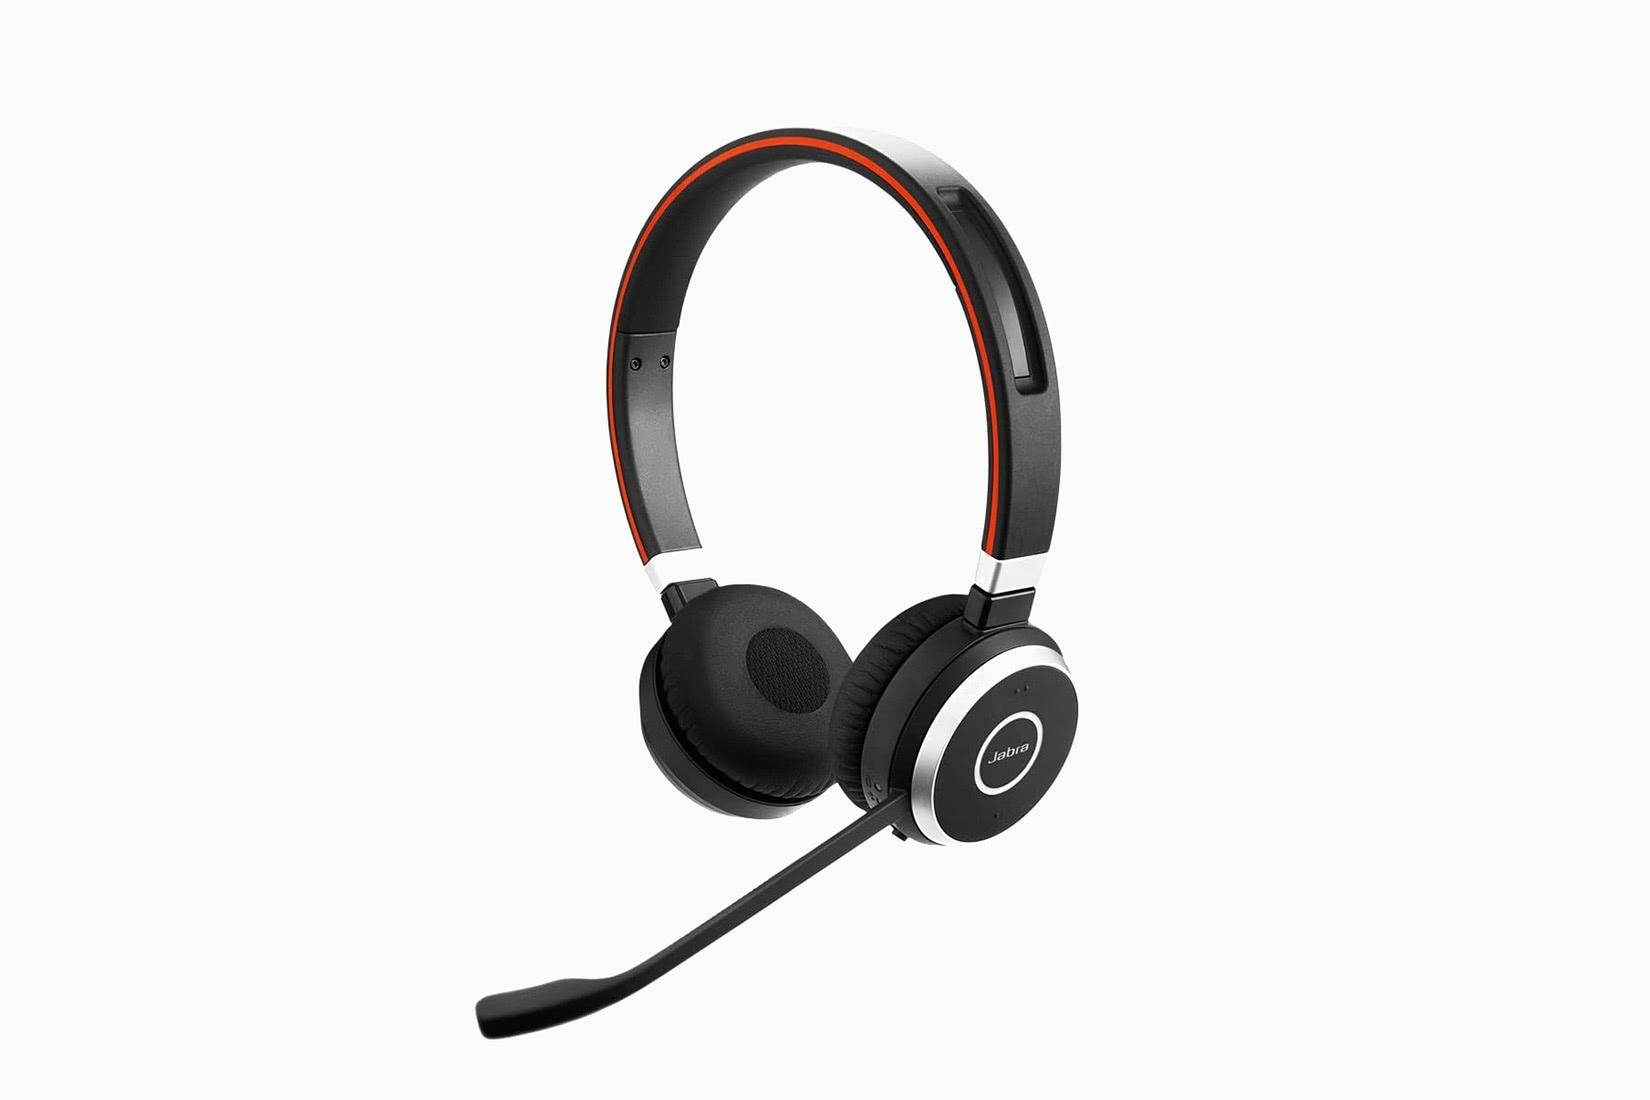 best over-ear headphones jabra evolve 65 review - Luxe Digital